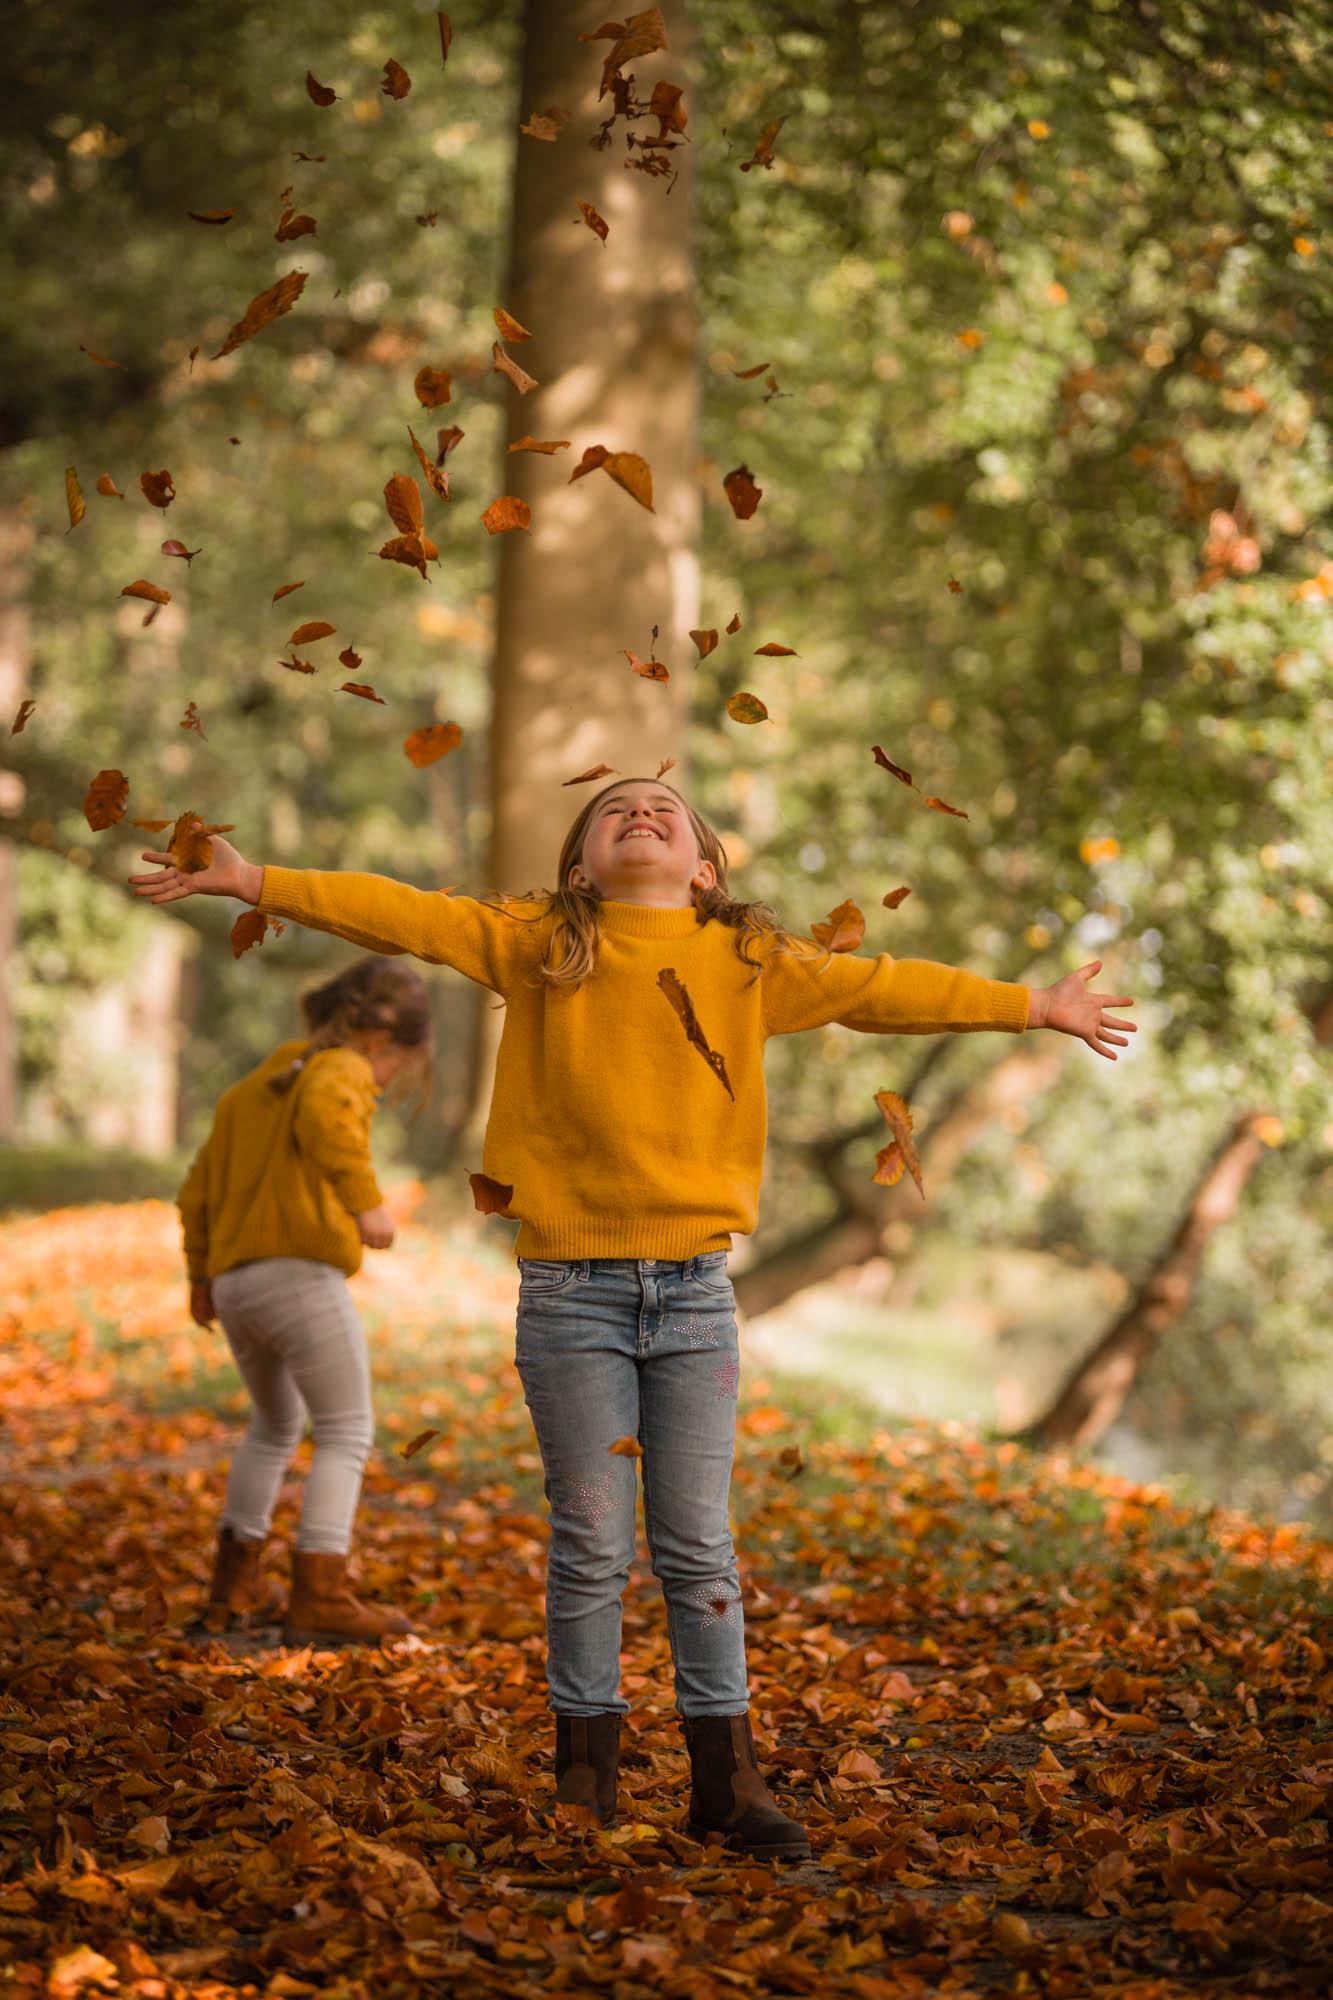 Zusjes die herfstbladeren omhoog gooien in herfst bos door mayrafotografie